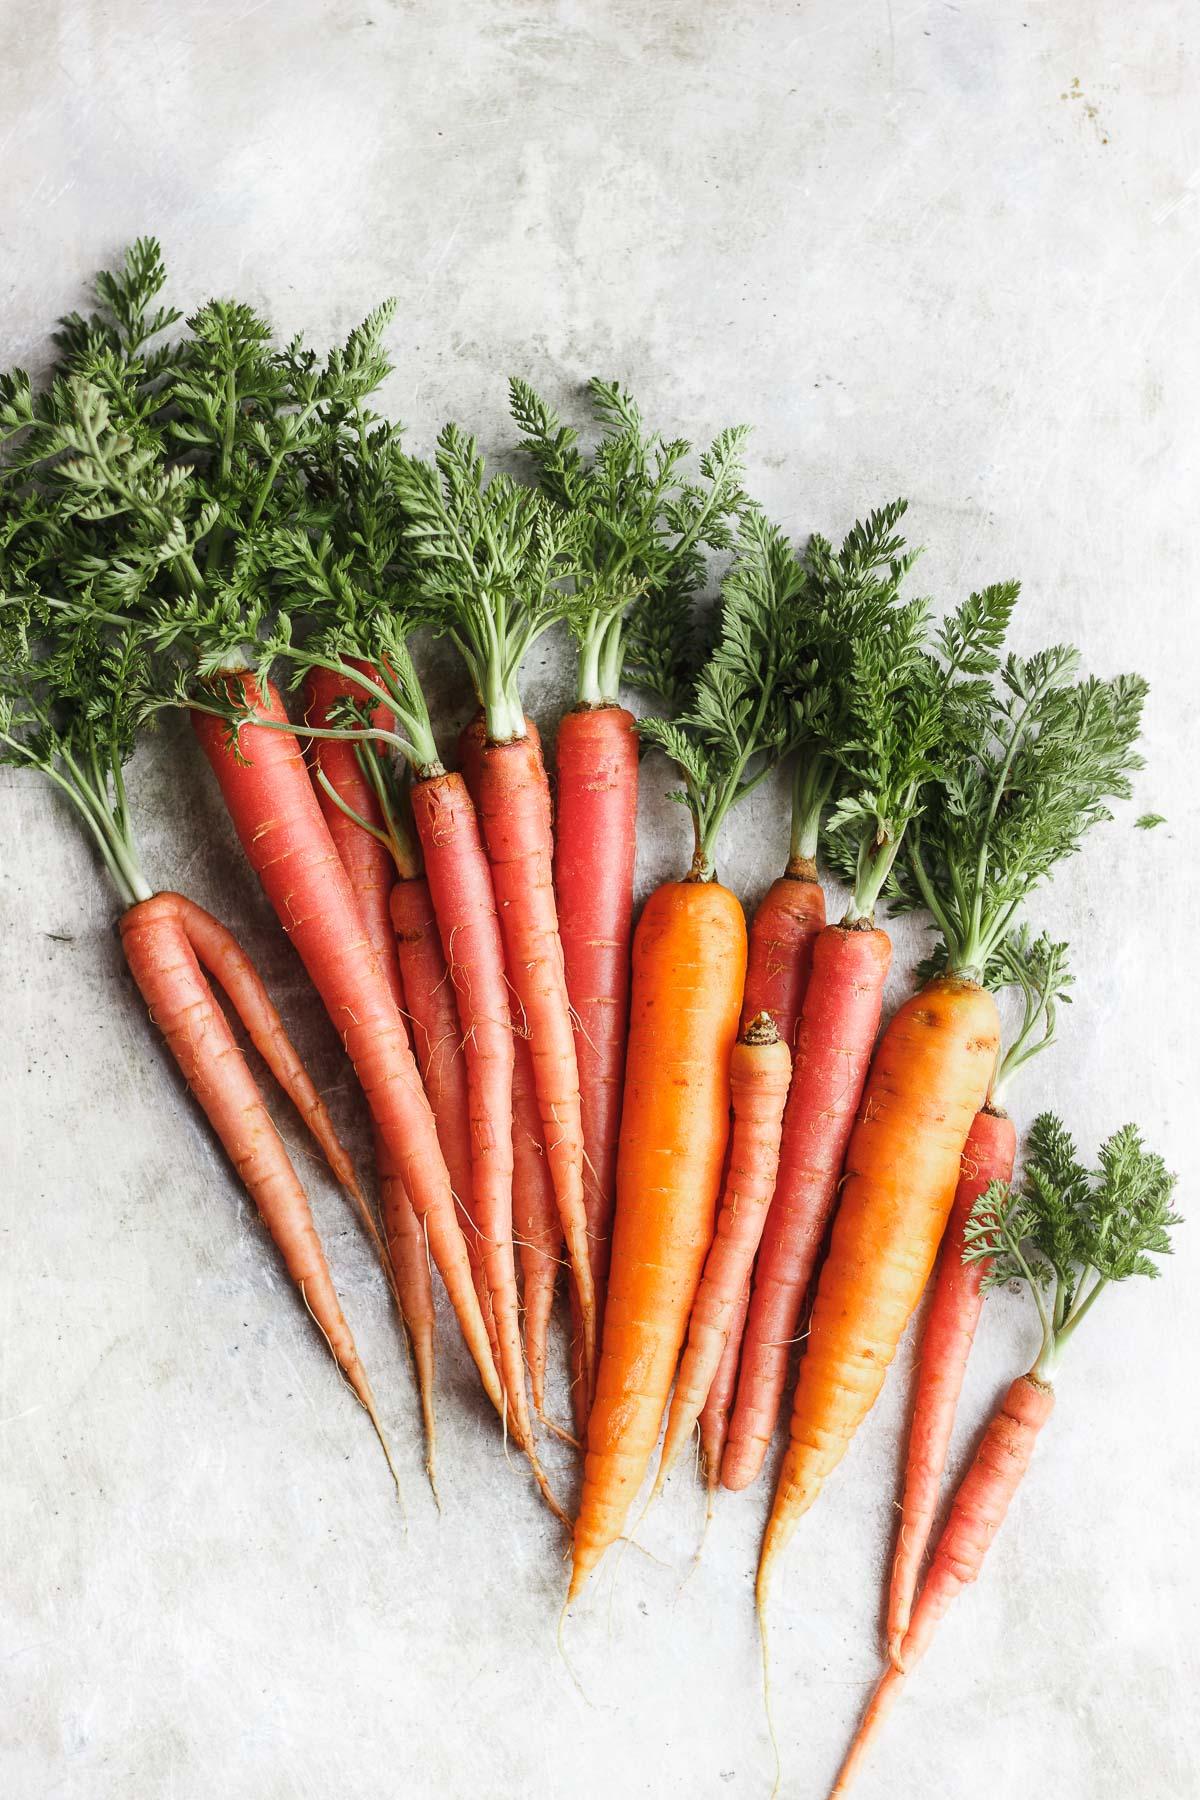 rainbow carrots on a grey surface